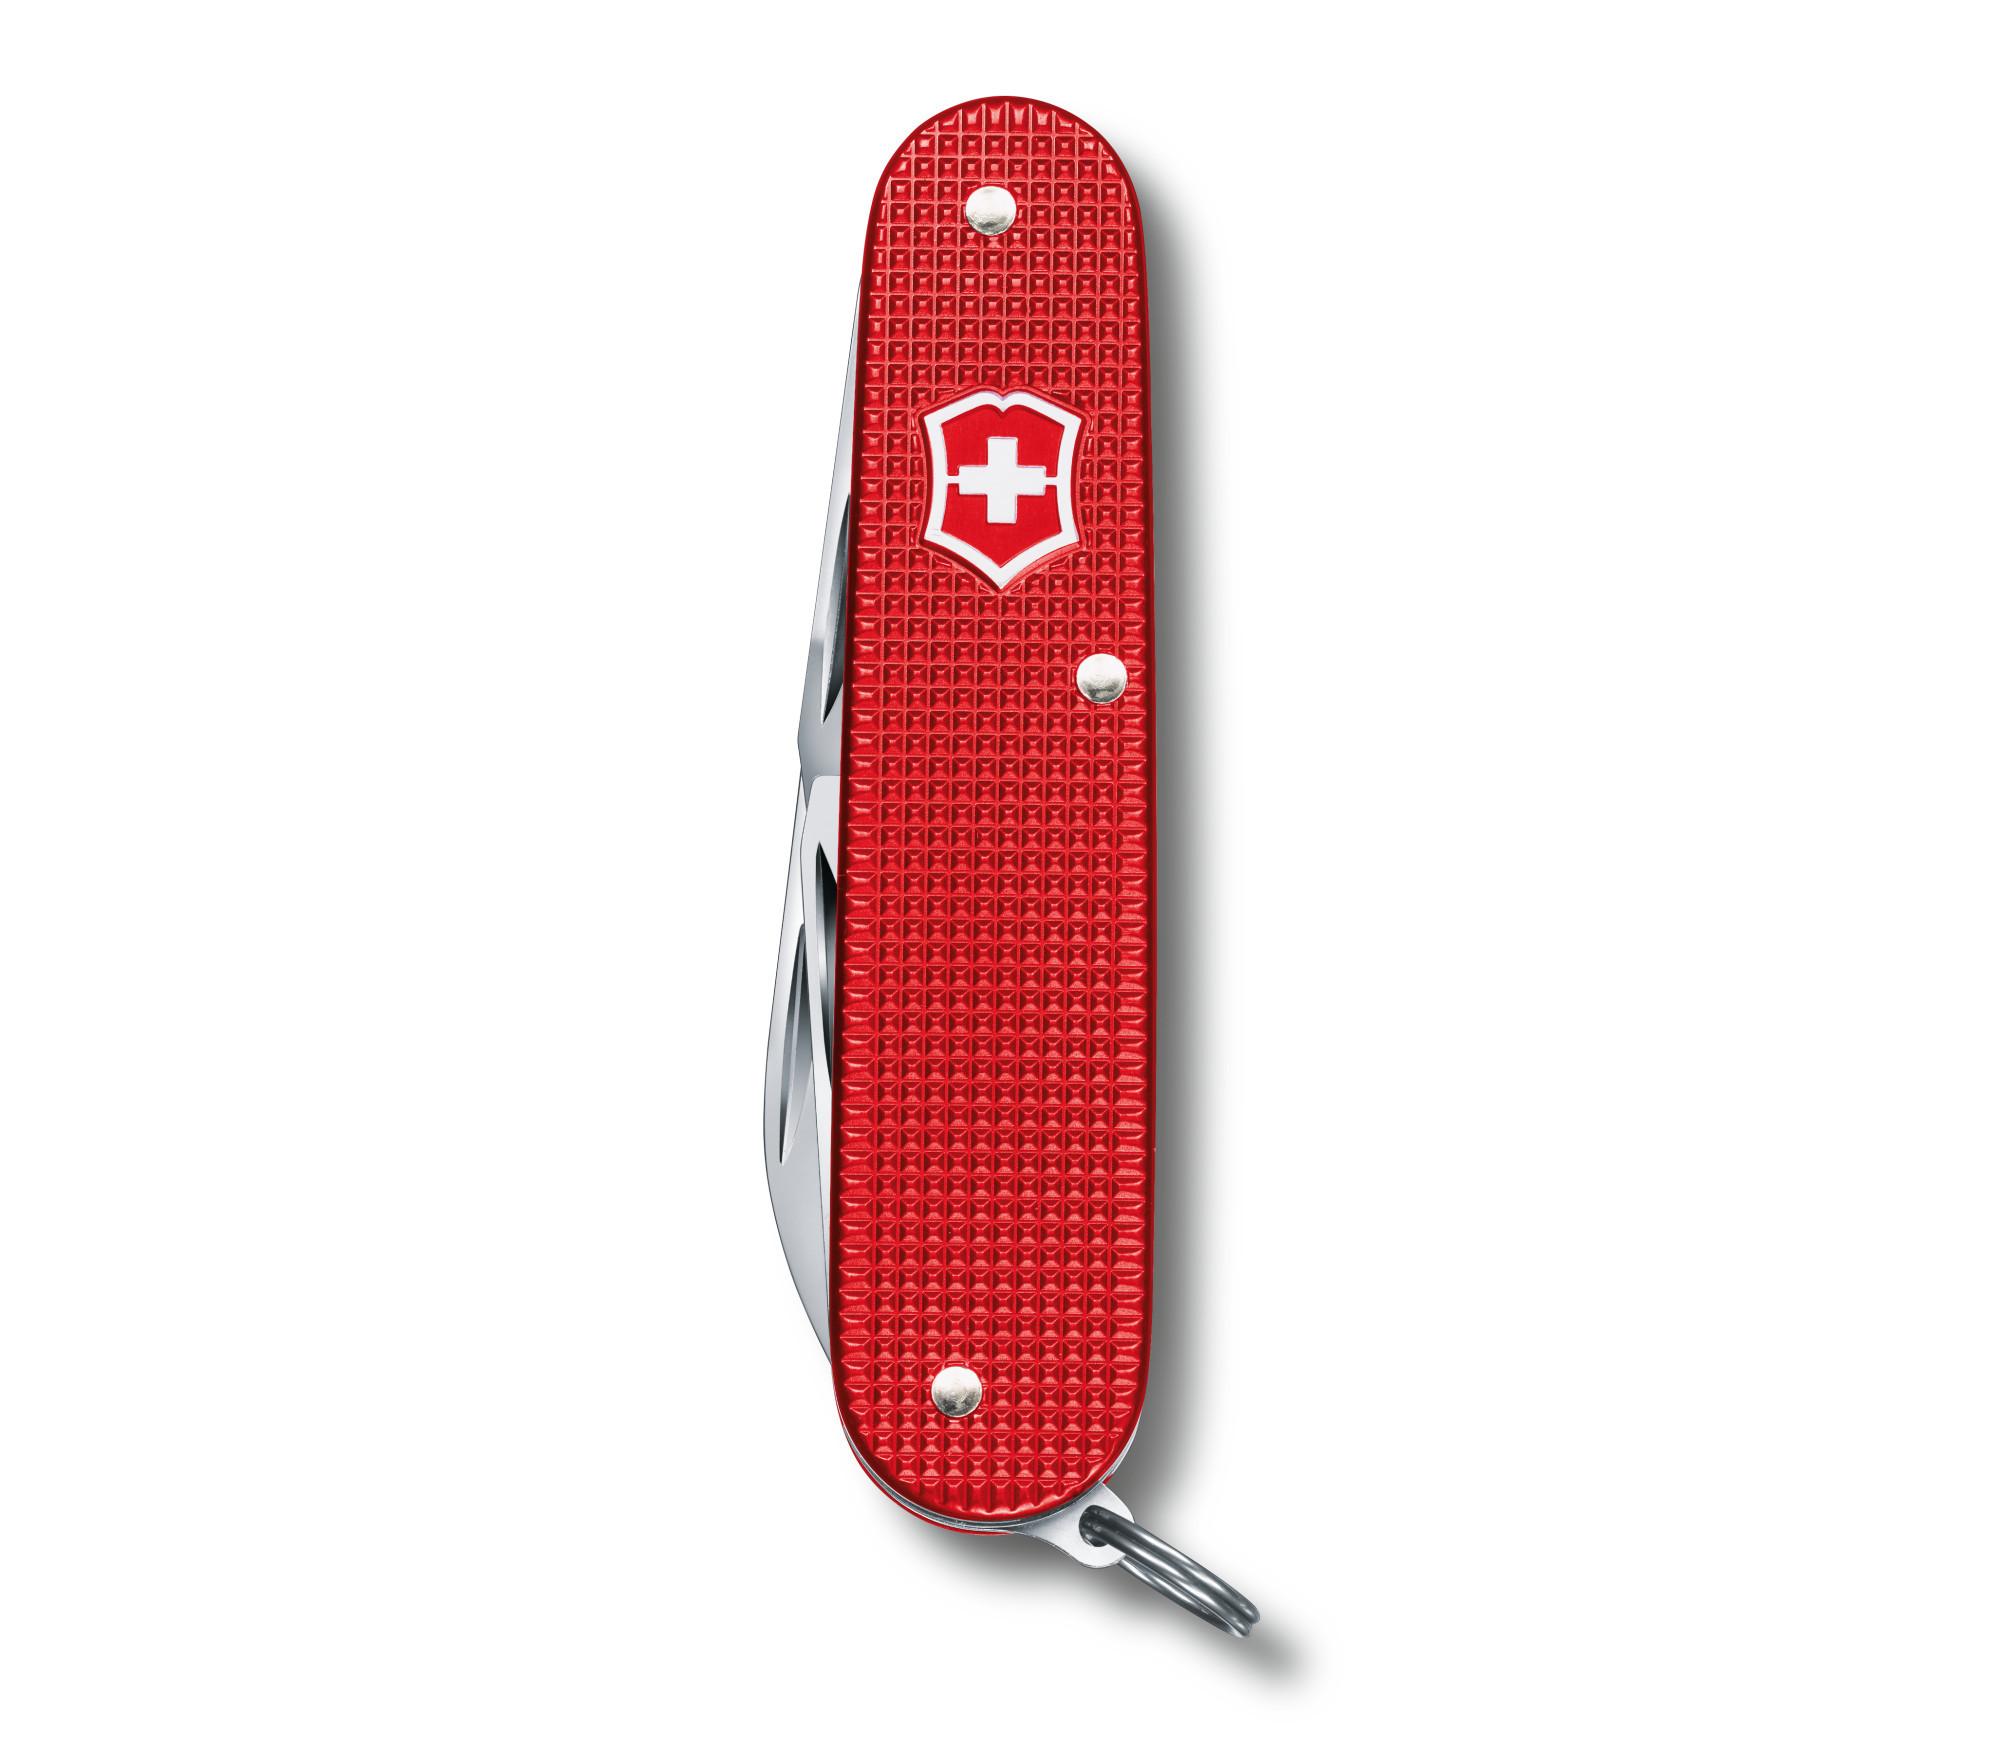 Складной нож Victorinox Cadet Alox Limited Edition 2018 (0.2601.L18) лимитированное издание, подарочная упаковка